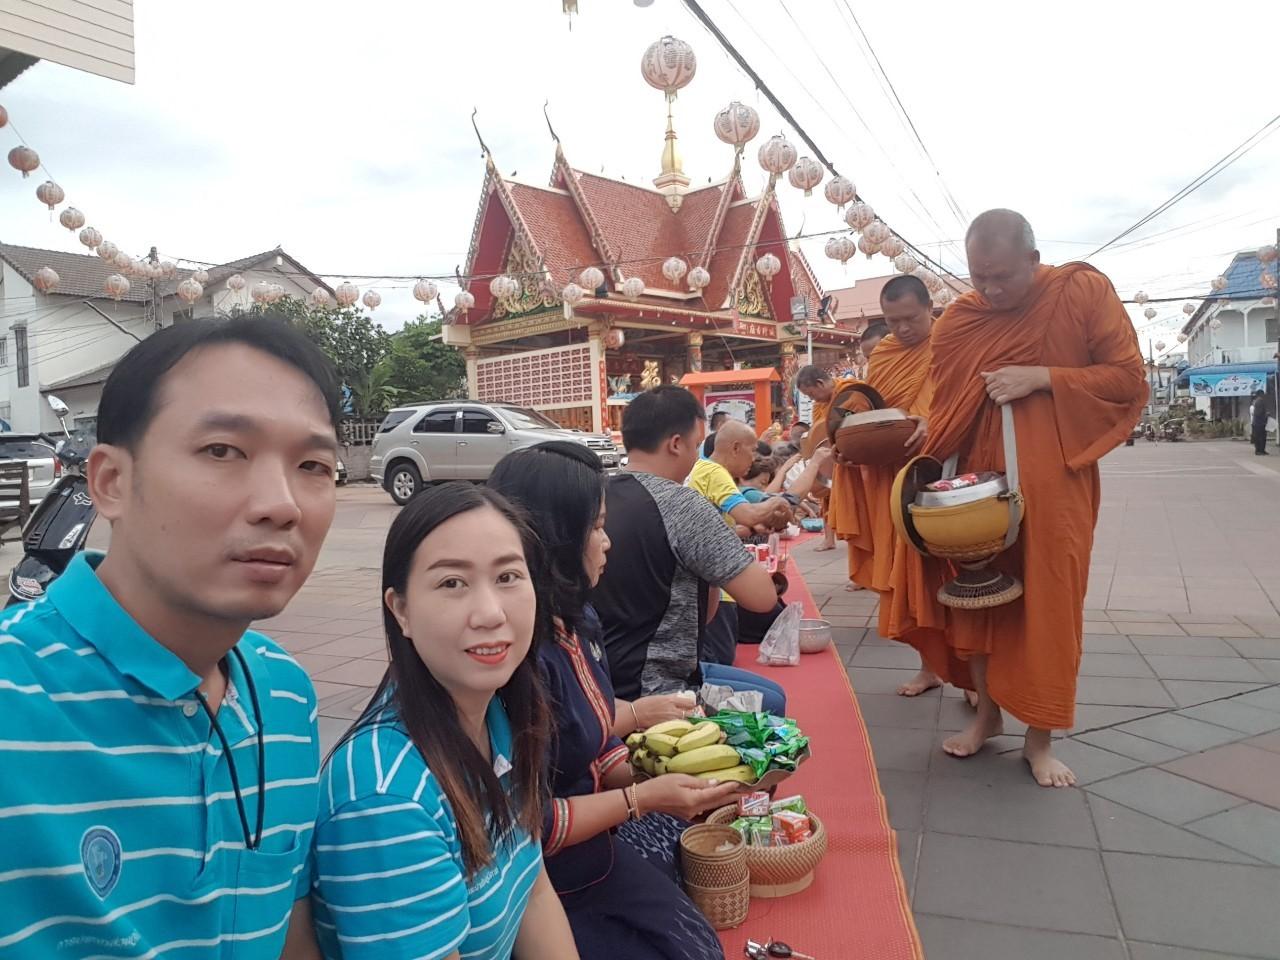 ไฟล์แนบ กปภ.สาขายโสธรร่วมกิจกรรมทำบุญตักบาตรย้อนยุควิถีถิ่นวิถีไทย ถนนคนเดินยโสธร ประจำปี2562